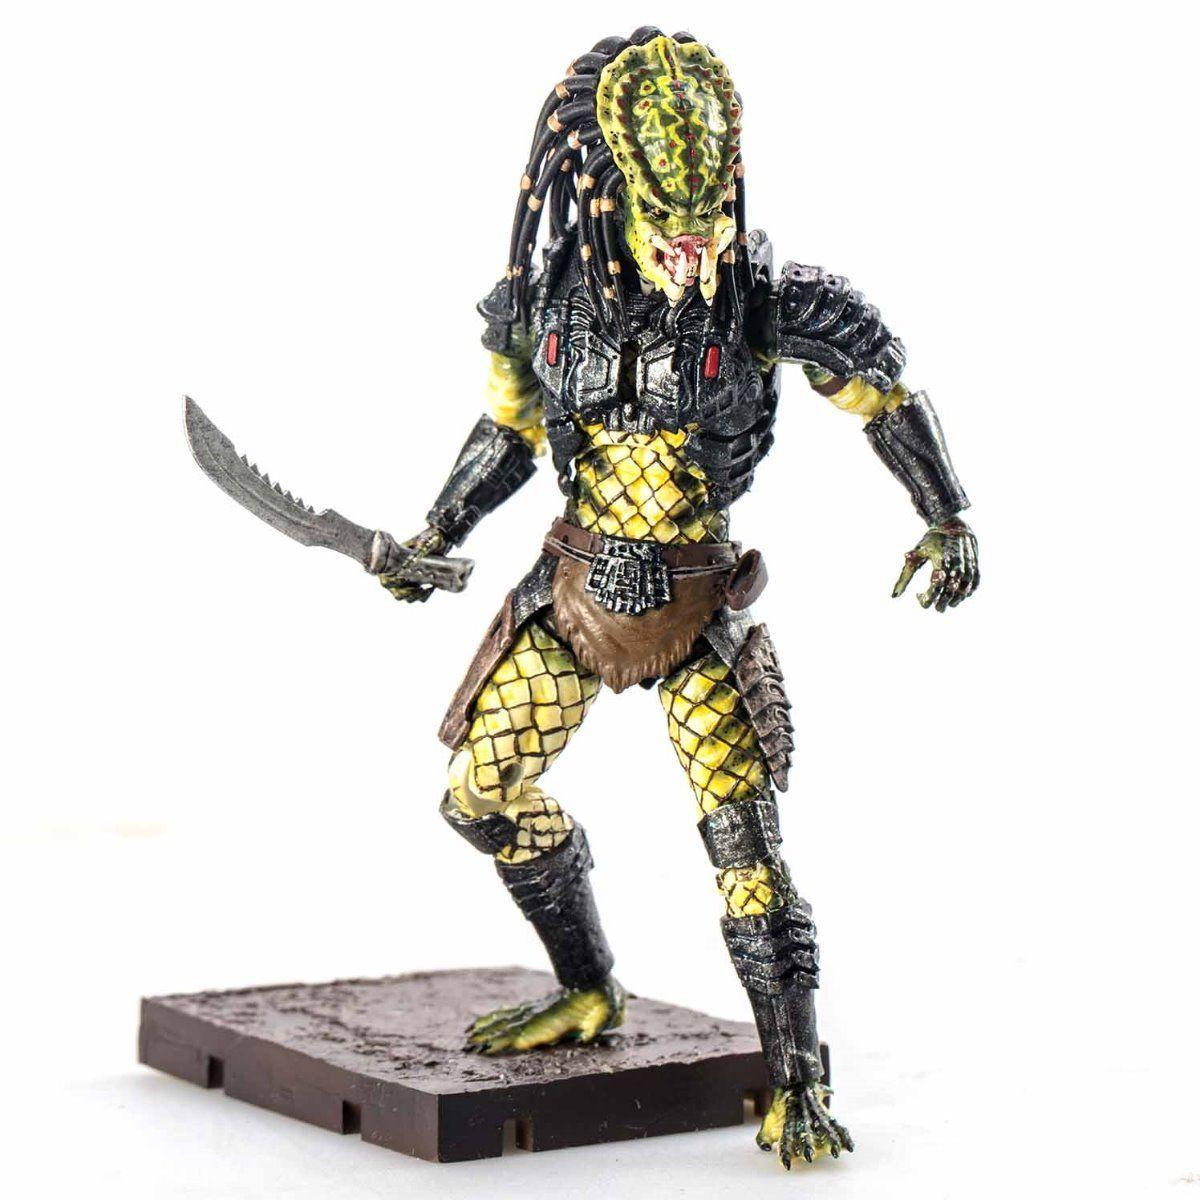 figúrka Predator - Lost - HIYAAUG189257